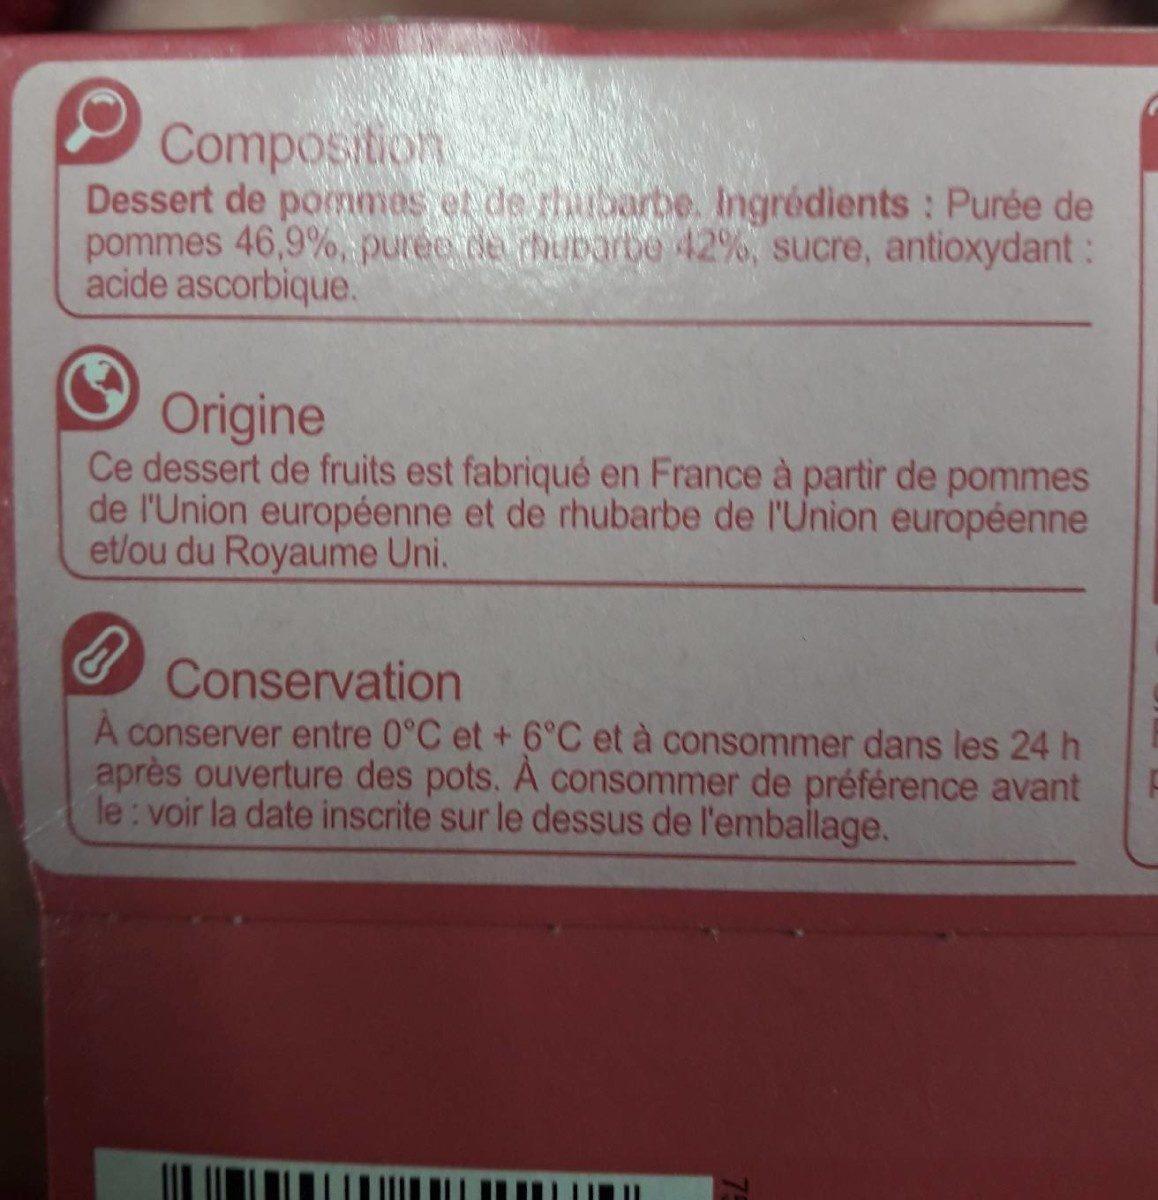 Pomme rhubarbe - Ingredients - fr